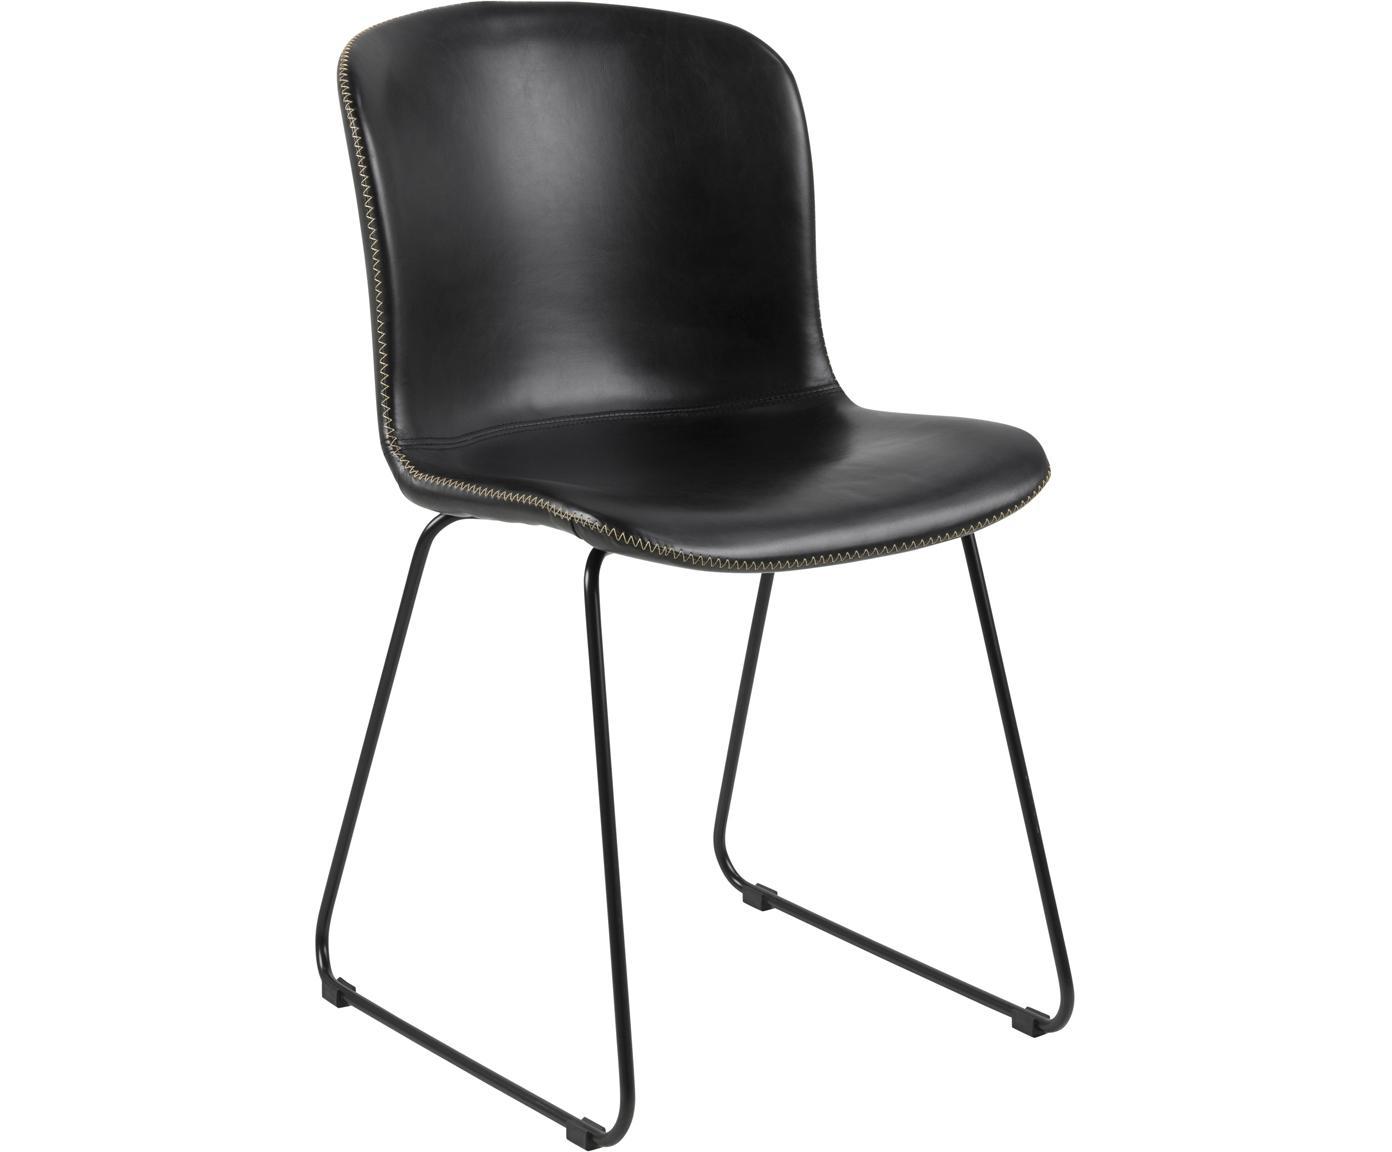 Krzesło tapicerowane ze sztucznej skóry Story, 2 szt., Tapicerka: sztuczna skóra, Nogi: metal malowany proszkowo, Czarny, S 47 x G 51 cm